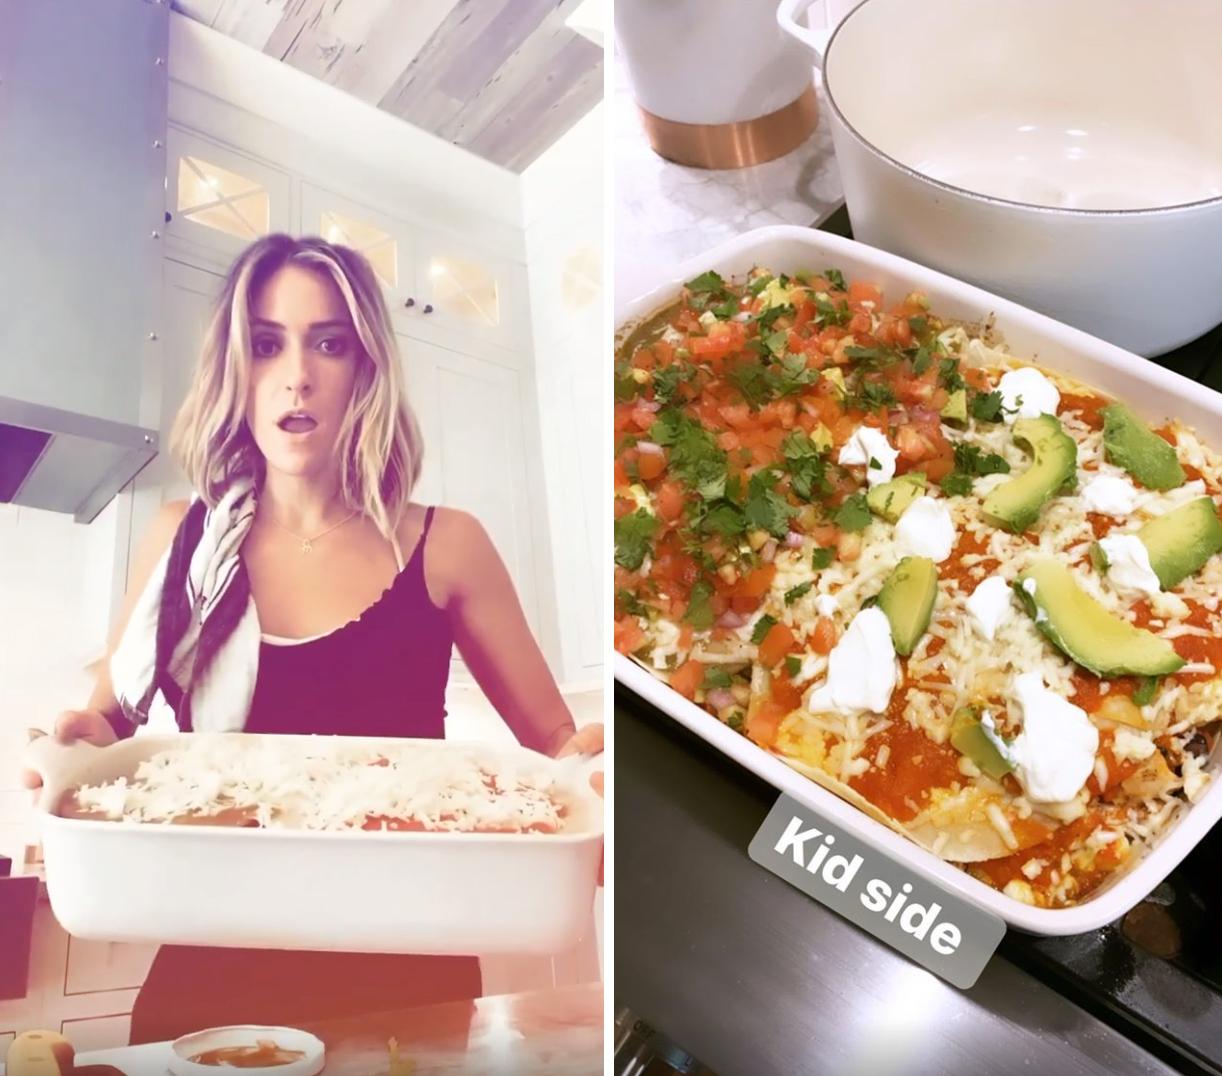 Kristin Cavallari Enchilada Casserole Has a Non-Spicy Side for Her Kids